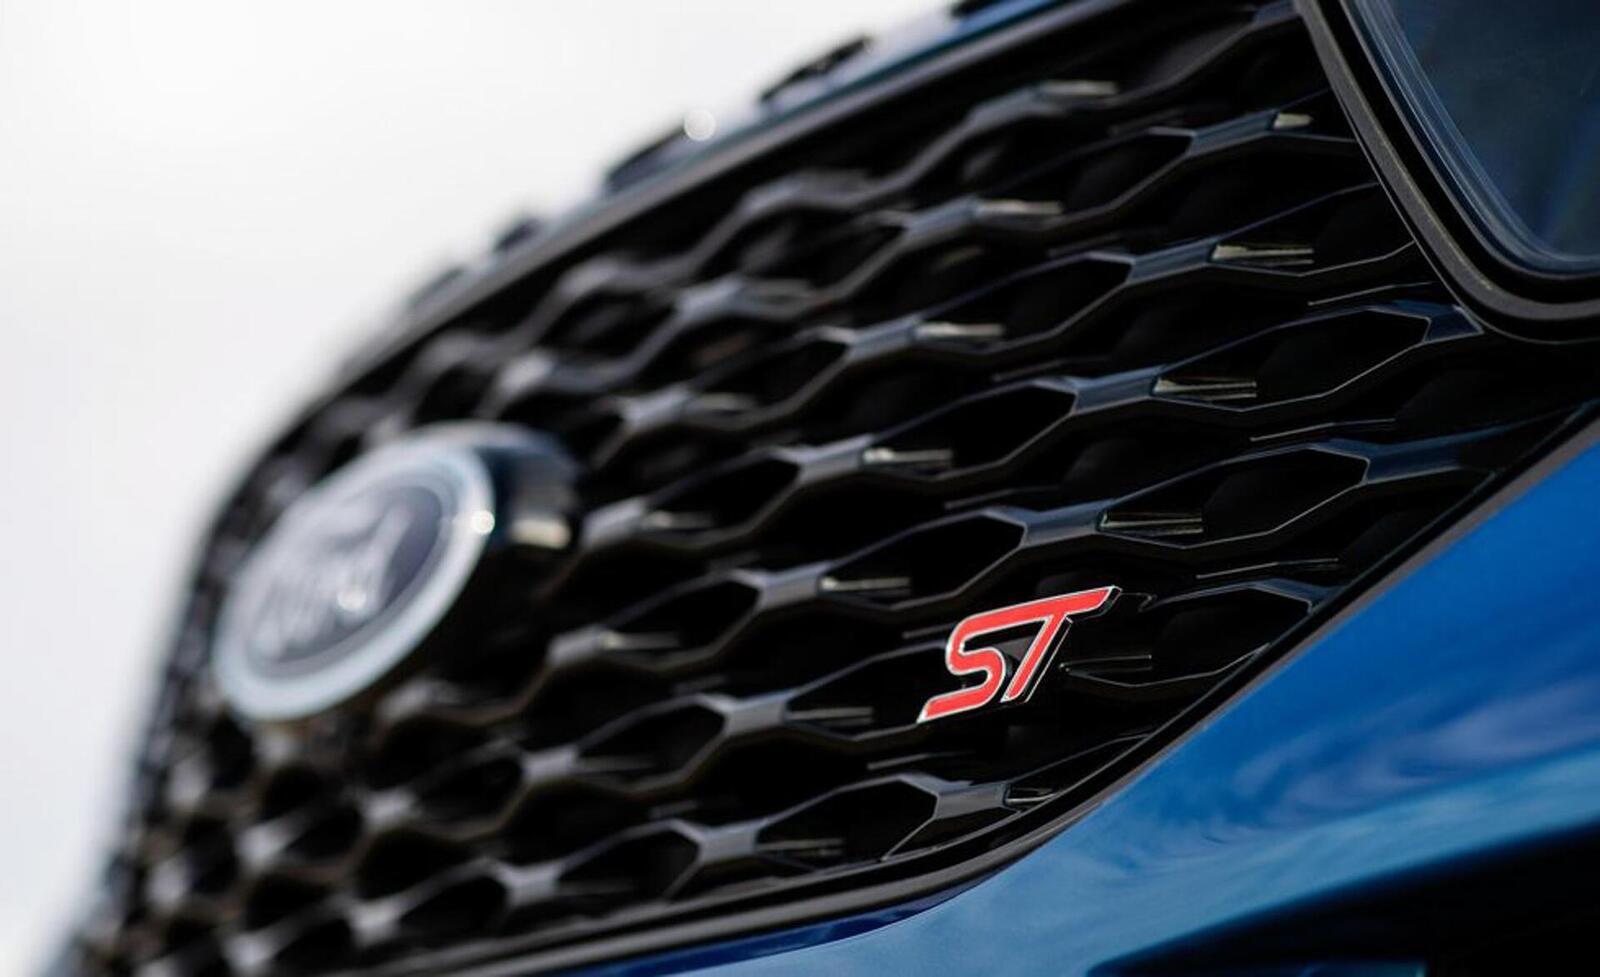 Ford giới thiệu Explorer ST 2020: Phiên bản mạnh nhất lắp máy V6 3.0L tăng áp 400 mã lực - Hình 24